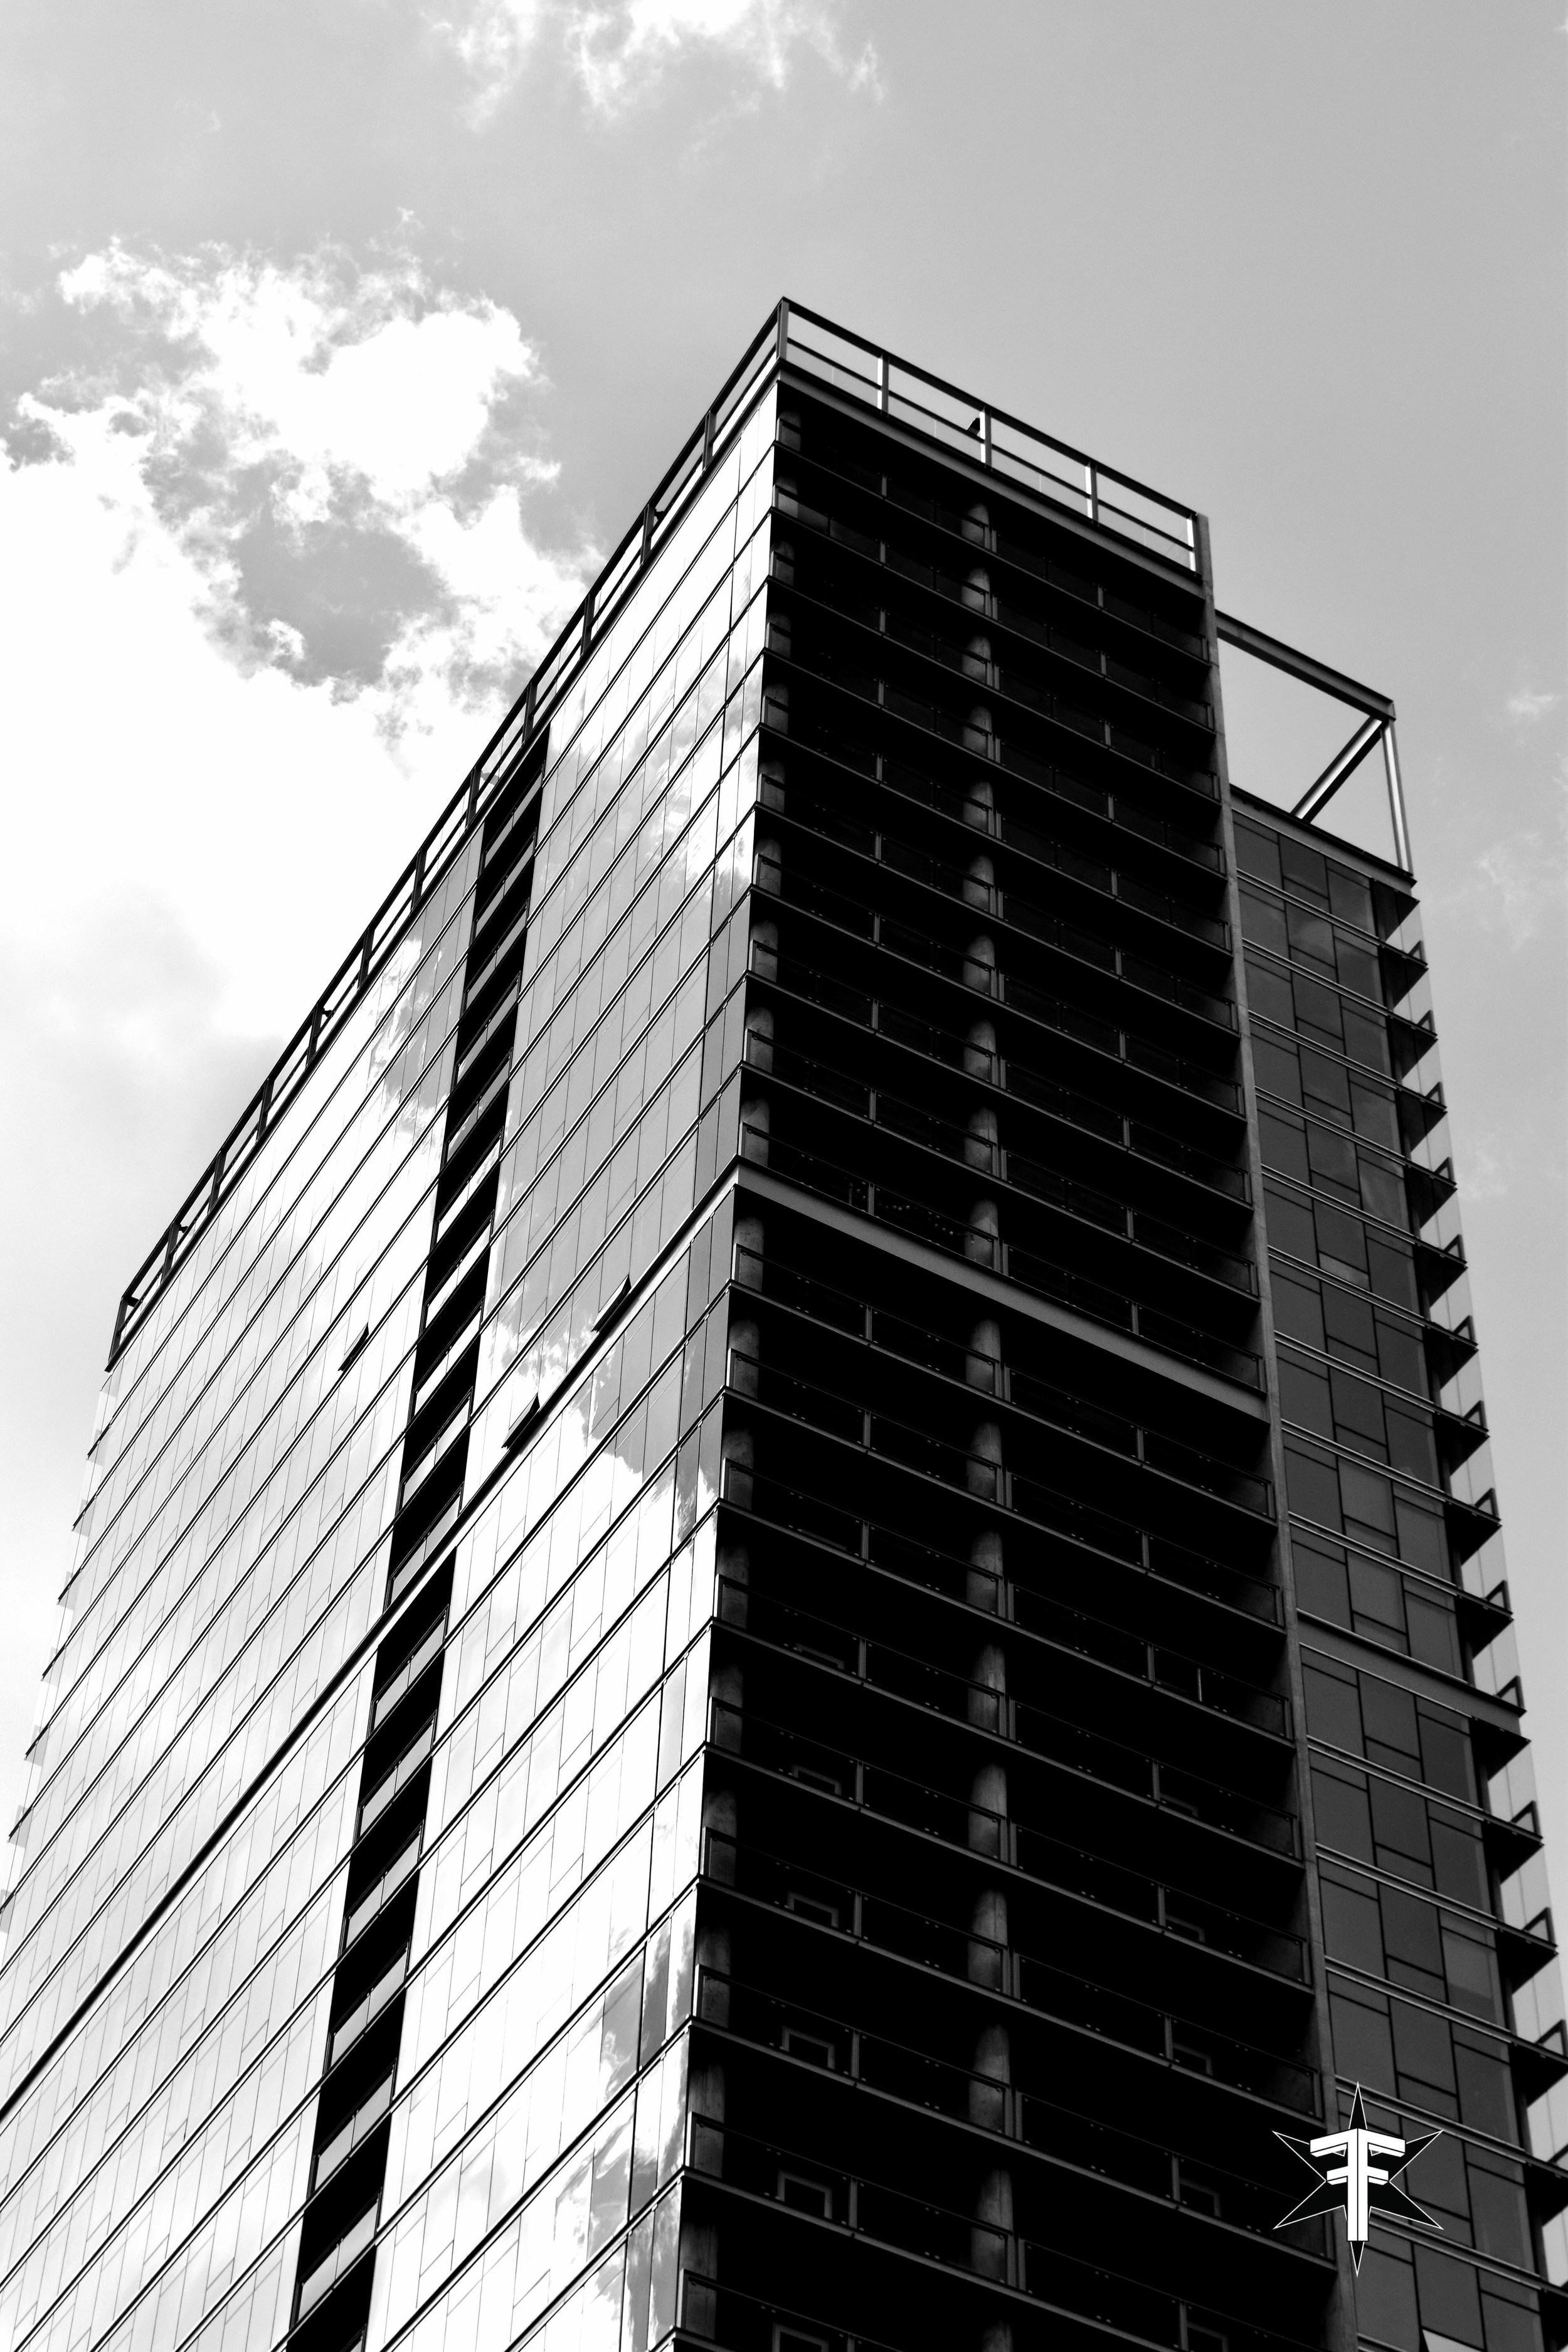 chicago architecture eric formato photography design arquitectura architettura buildings skyscraper skyscrapers-137.jpg